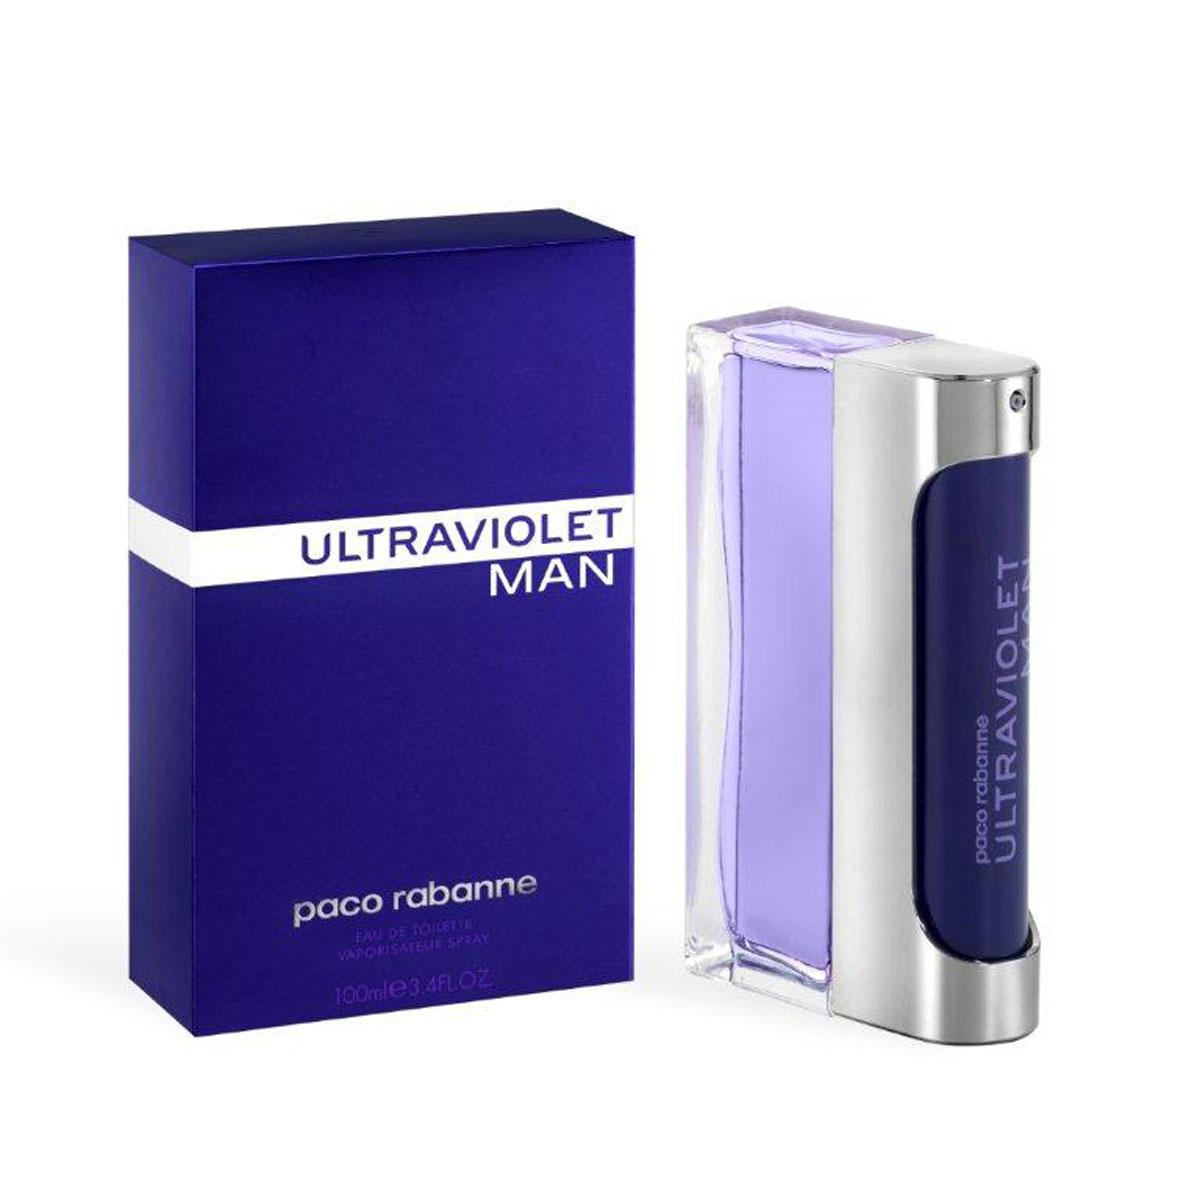 Paco Rabanne Туалетная вода Ultraviolet Man, мужская, 100 млSC-FM20104Герой аромата Ultraviolet от Paco Rabanne ценит новые технологии и не боится отличаться от других. Его привлекает только лучшее. Свежий, древесный, амбровый аромат, олицетворяющий истинно мужскую чувственность, был воссоздан благодаря технологии NATURE PRINT. Сначала аромат раскладывают на молекулы и анализируют, затем идентифицируют и с точностью воссоздают наиболее чистые, устойчивые, лучшие ноты. Начальные ноты аромата – это жидкая мята. Ноты сердца звучат органическим ветивером и кристаллическим мхом. Базовые ноты – это серая амбра.Верхняя нота: Русский кориандр, итальянская мята.Средняя нота: Черный перец из Танзании, серая амбра.Шлейф: Пачули из Индонезии, дубовый мох.Руский кориандр, итальянская мята - яркие неземные аккорды аромата.